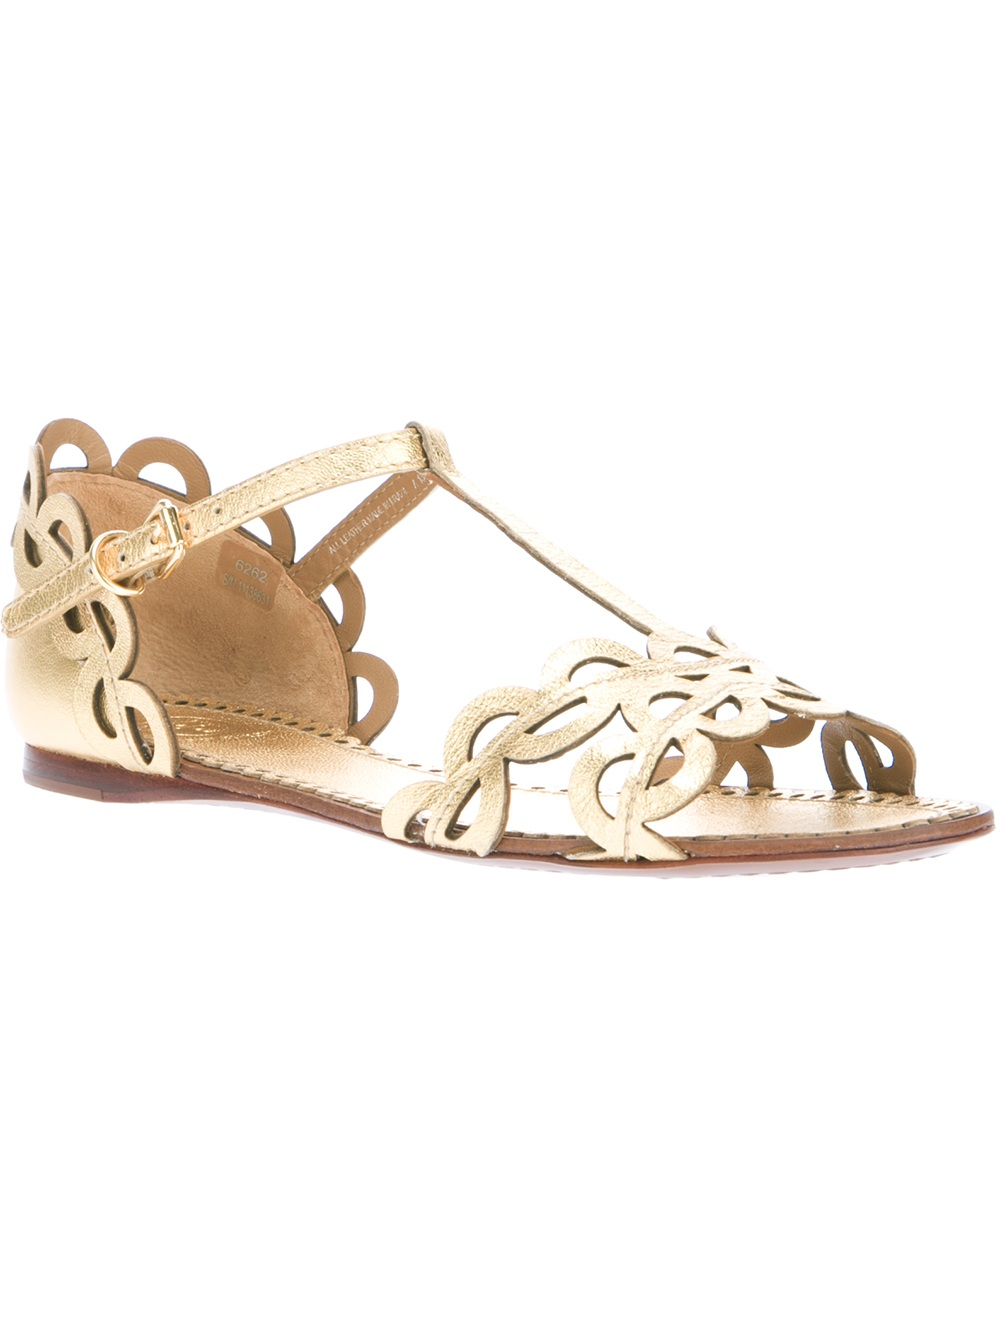 Tory Burch Aileen Flat Sandal In Metallic Lyst